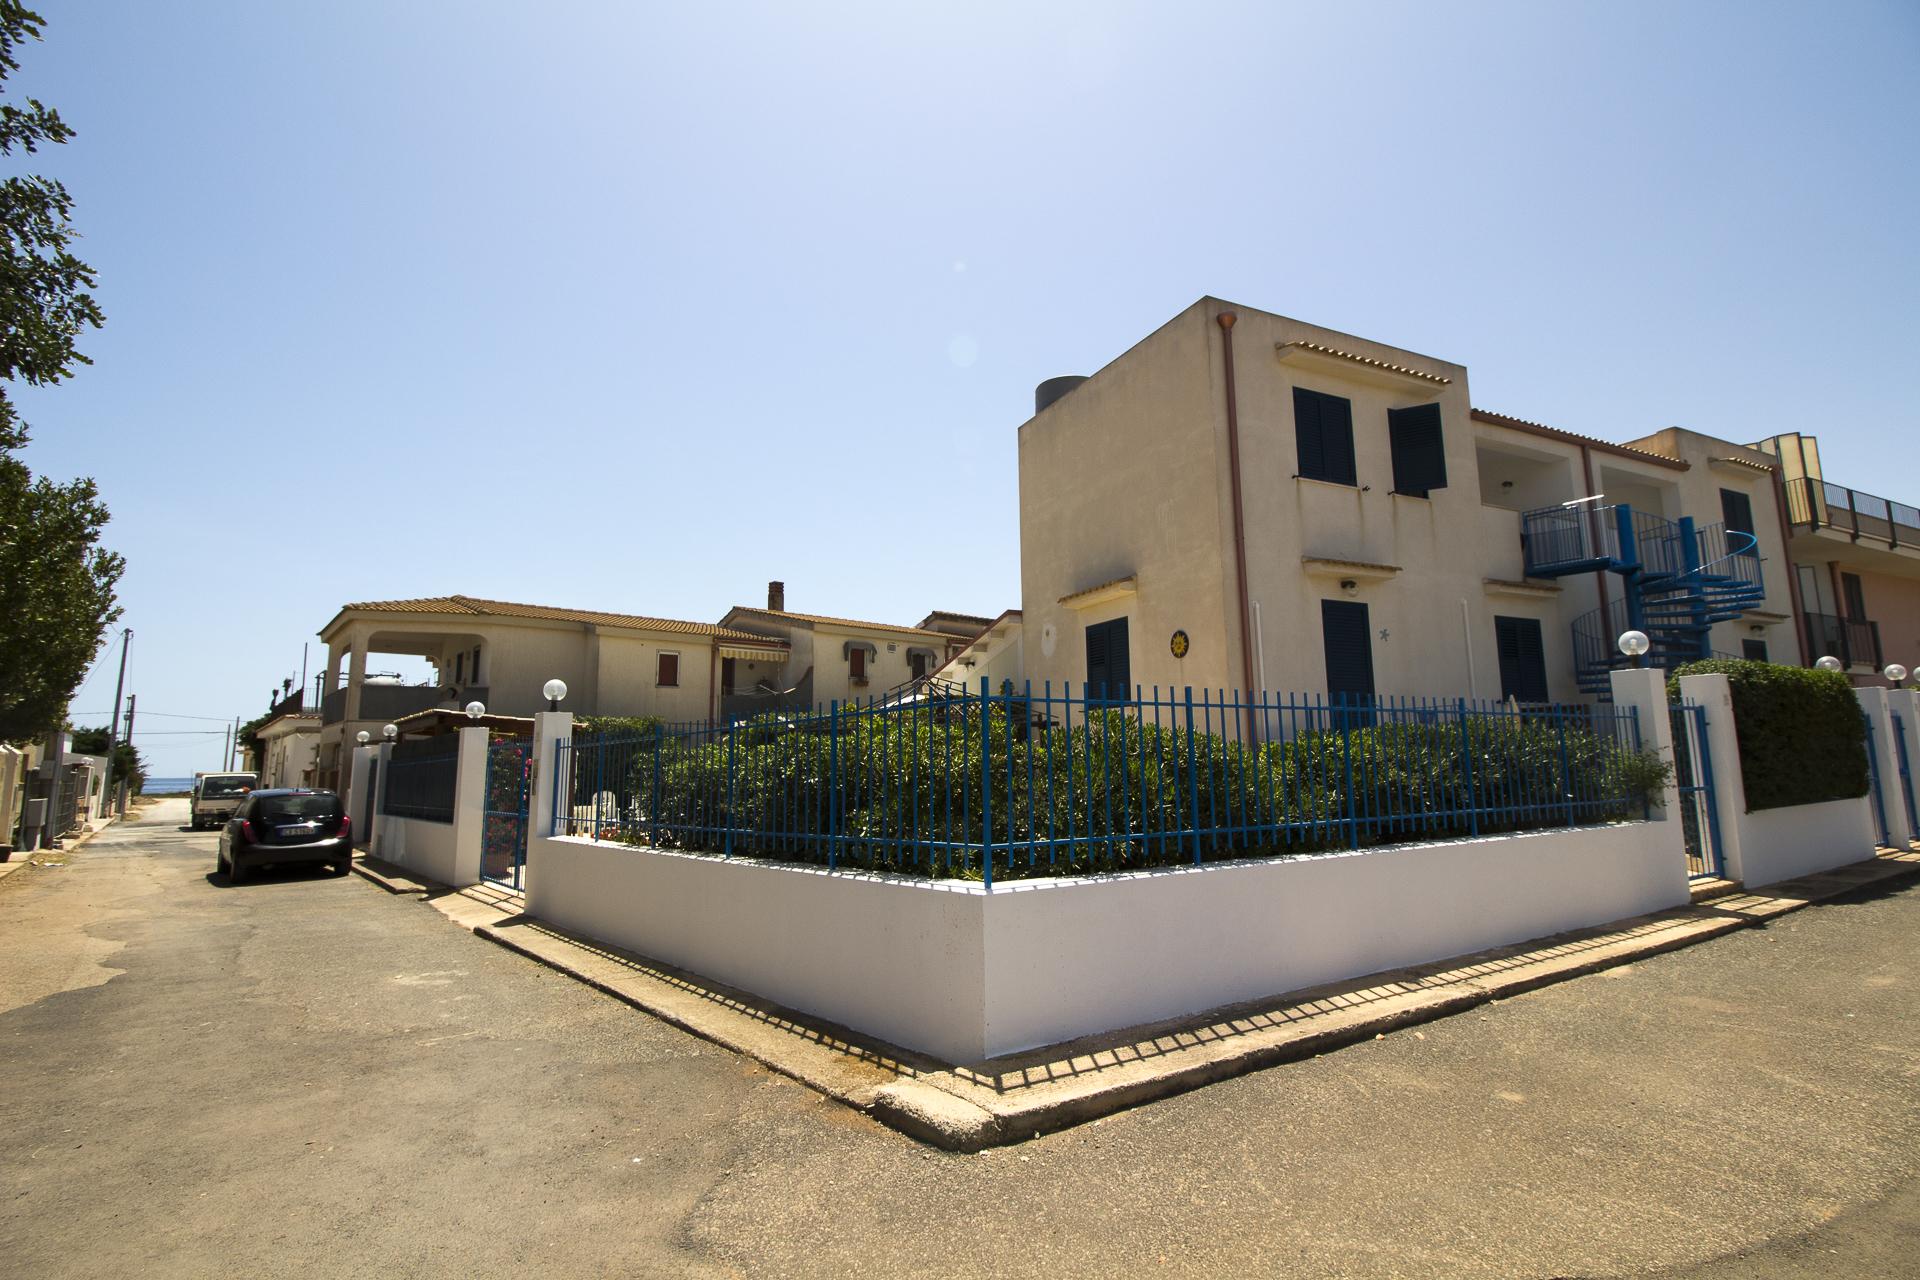 Casa vacanze Noto_sole_di_Sicilia_hotel_noto_marina_vacanze_noto_avola_siracusa_marzamemi_B&B_noto_camere_appartamenti_noto_mare_29